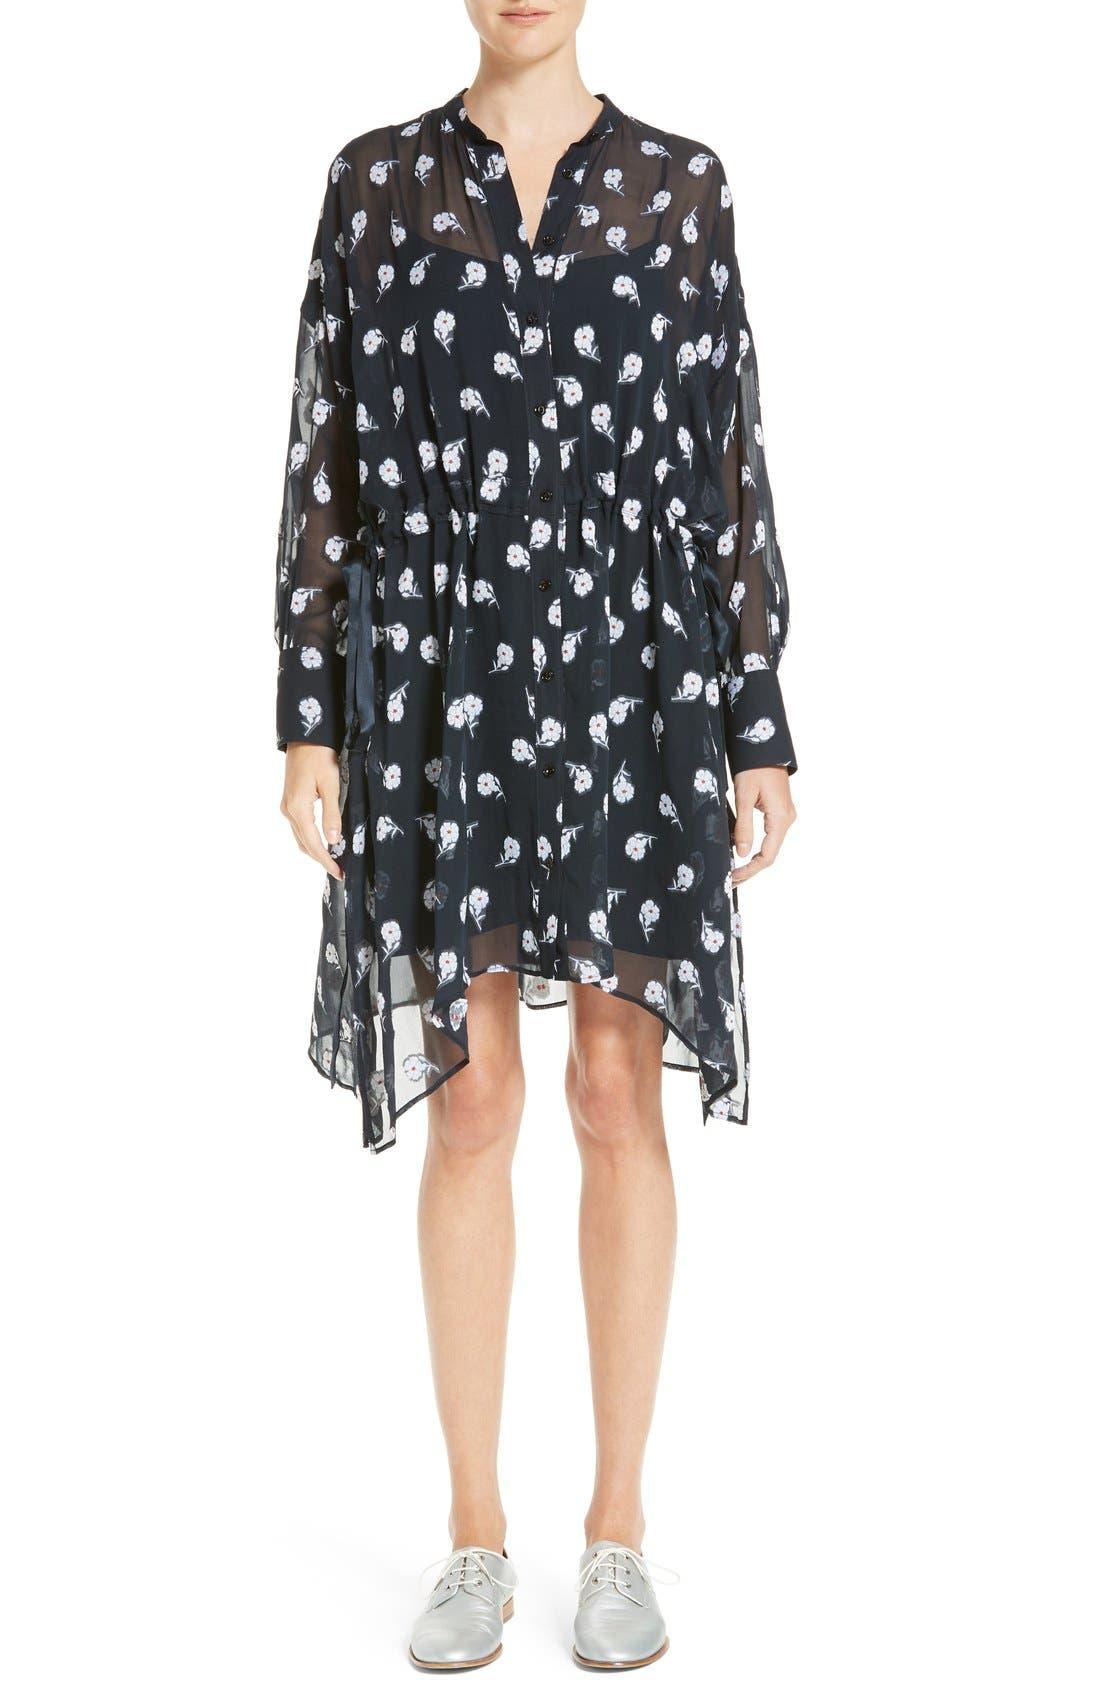 RAG & BONE Elodie Floral Print Dress